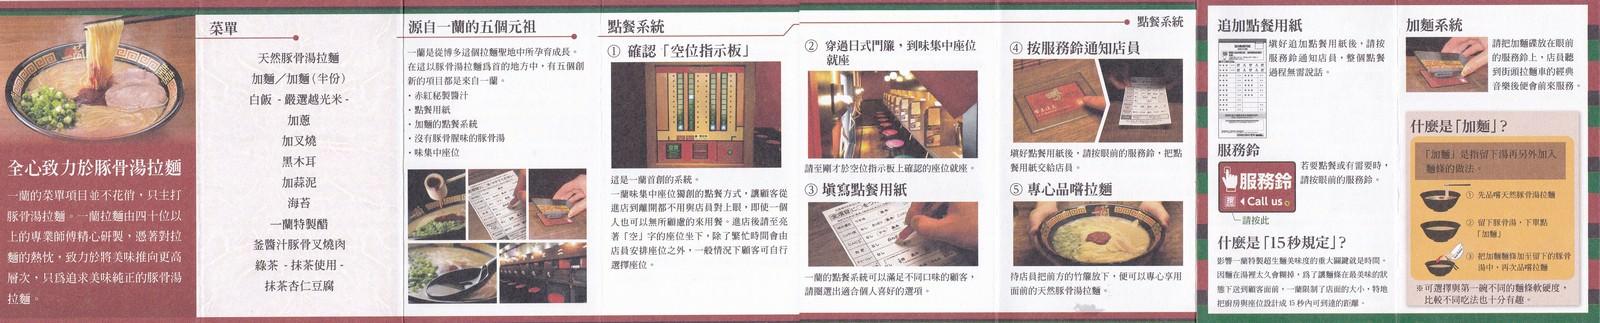 天然豚骨拉麵專門店一蘭@台灣台北本店, 名片